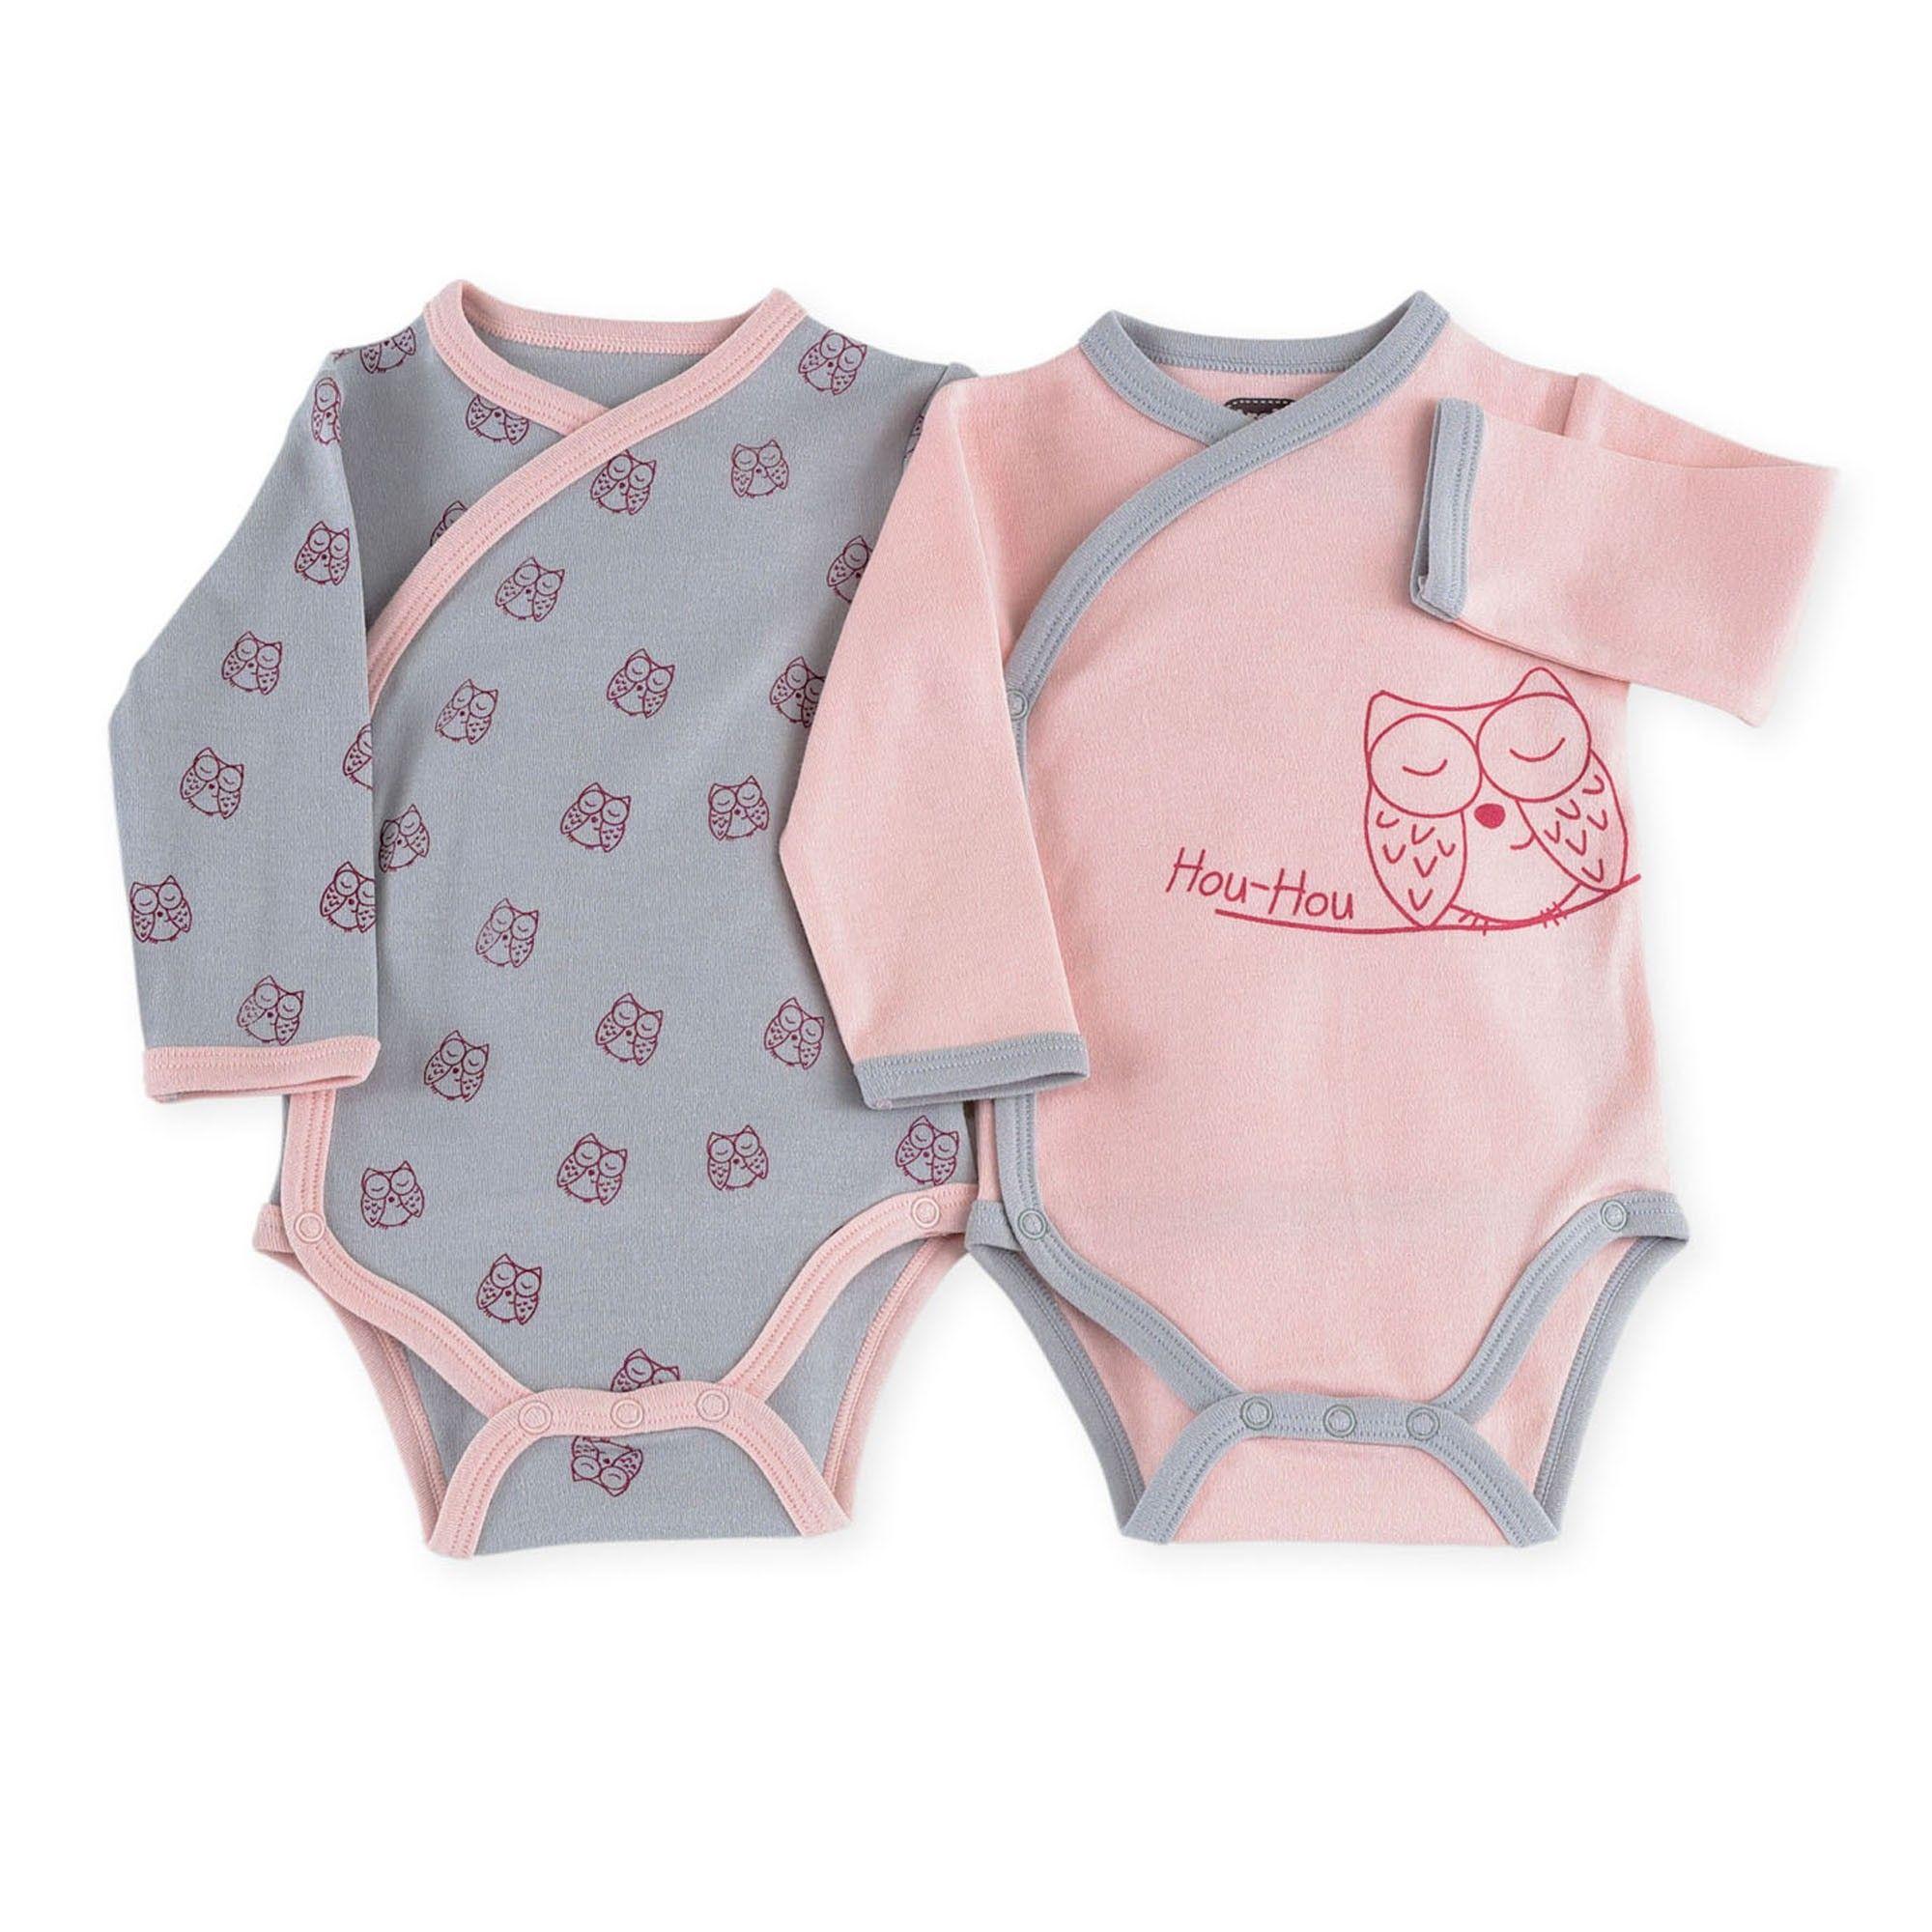 nouveau style daeb4 15fde Bodies bébé -